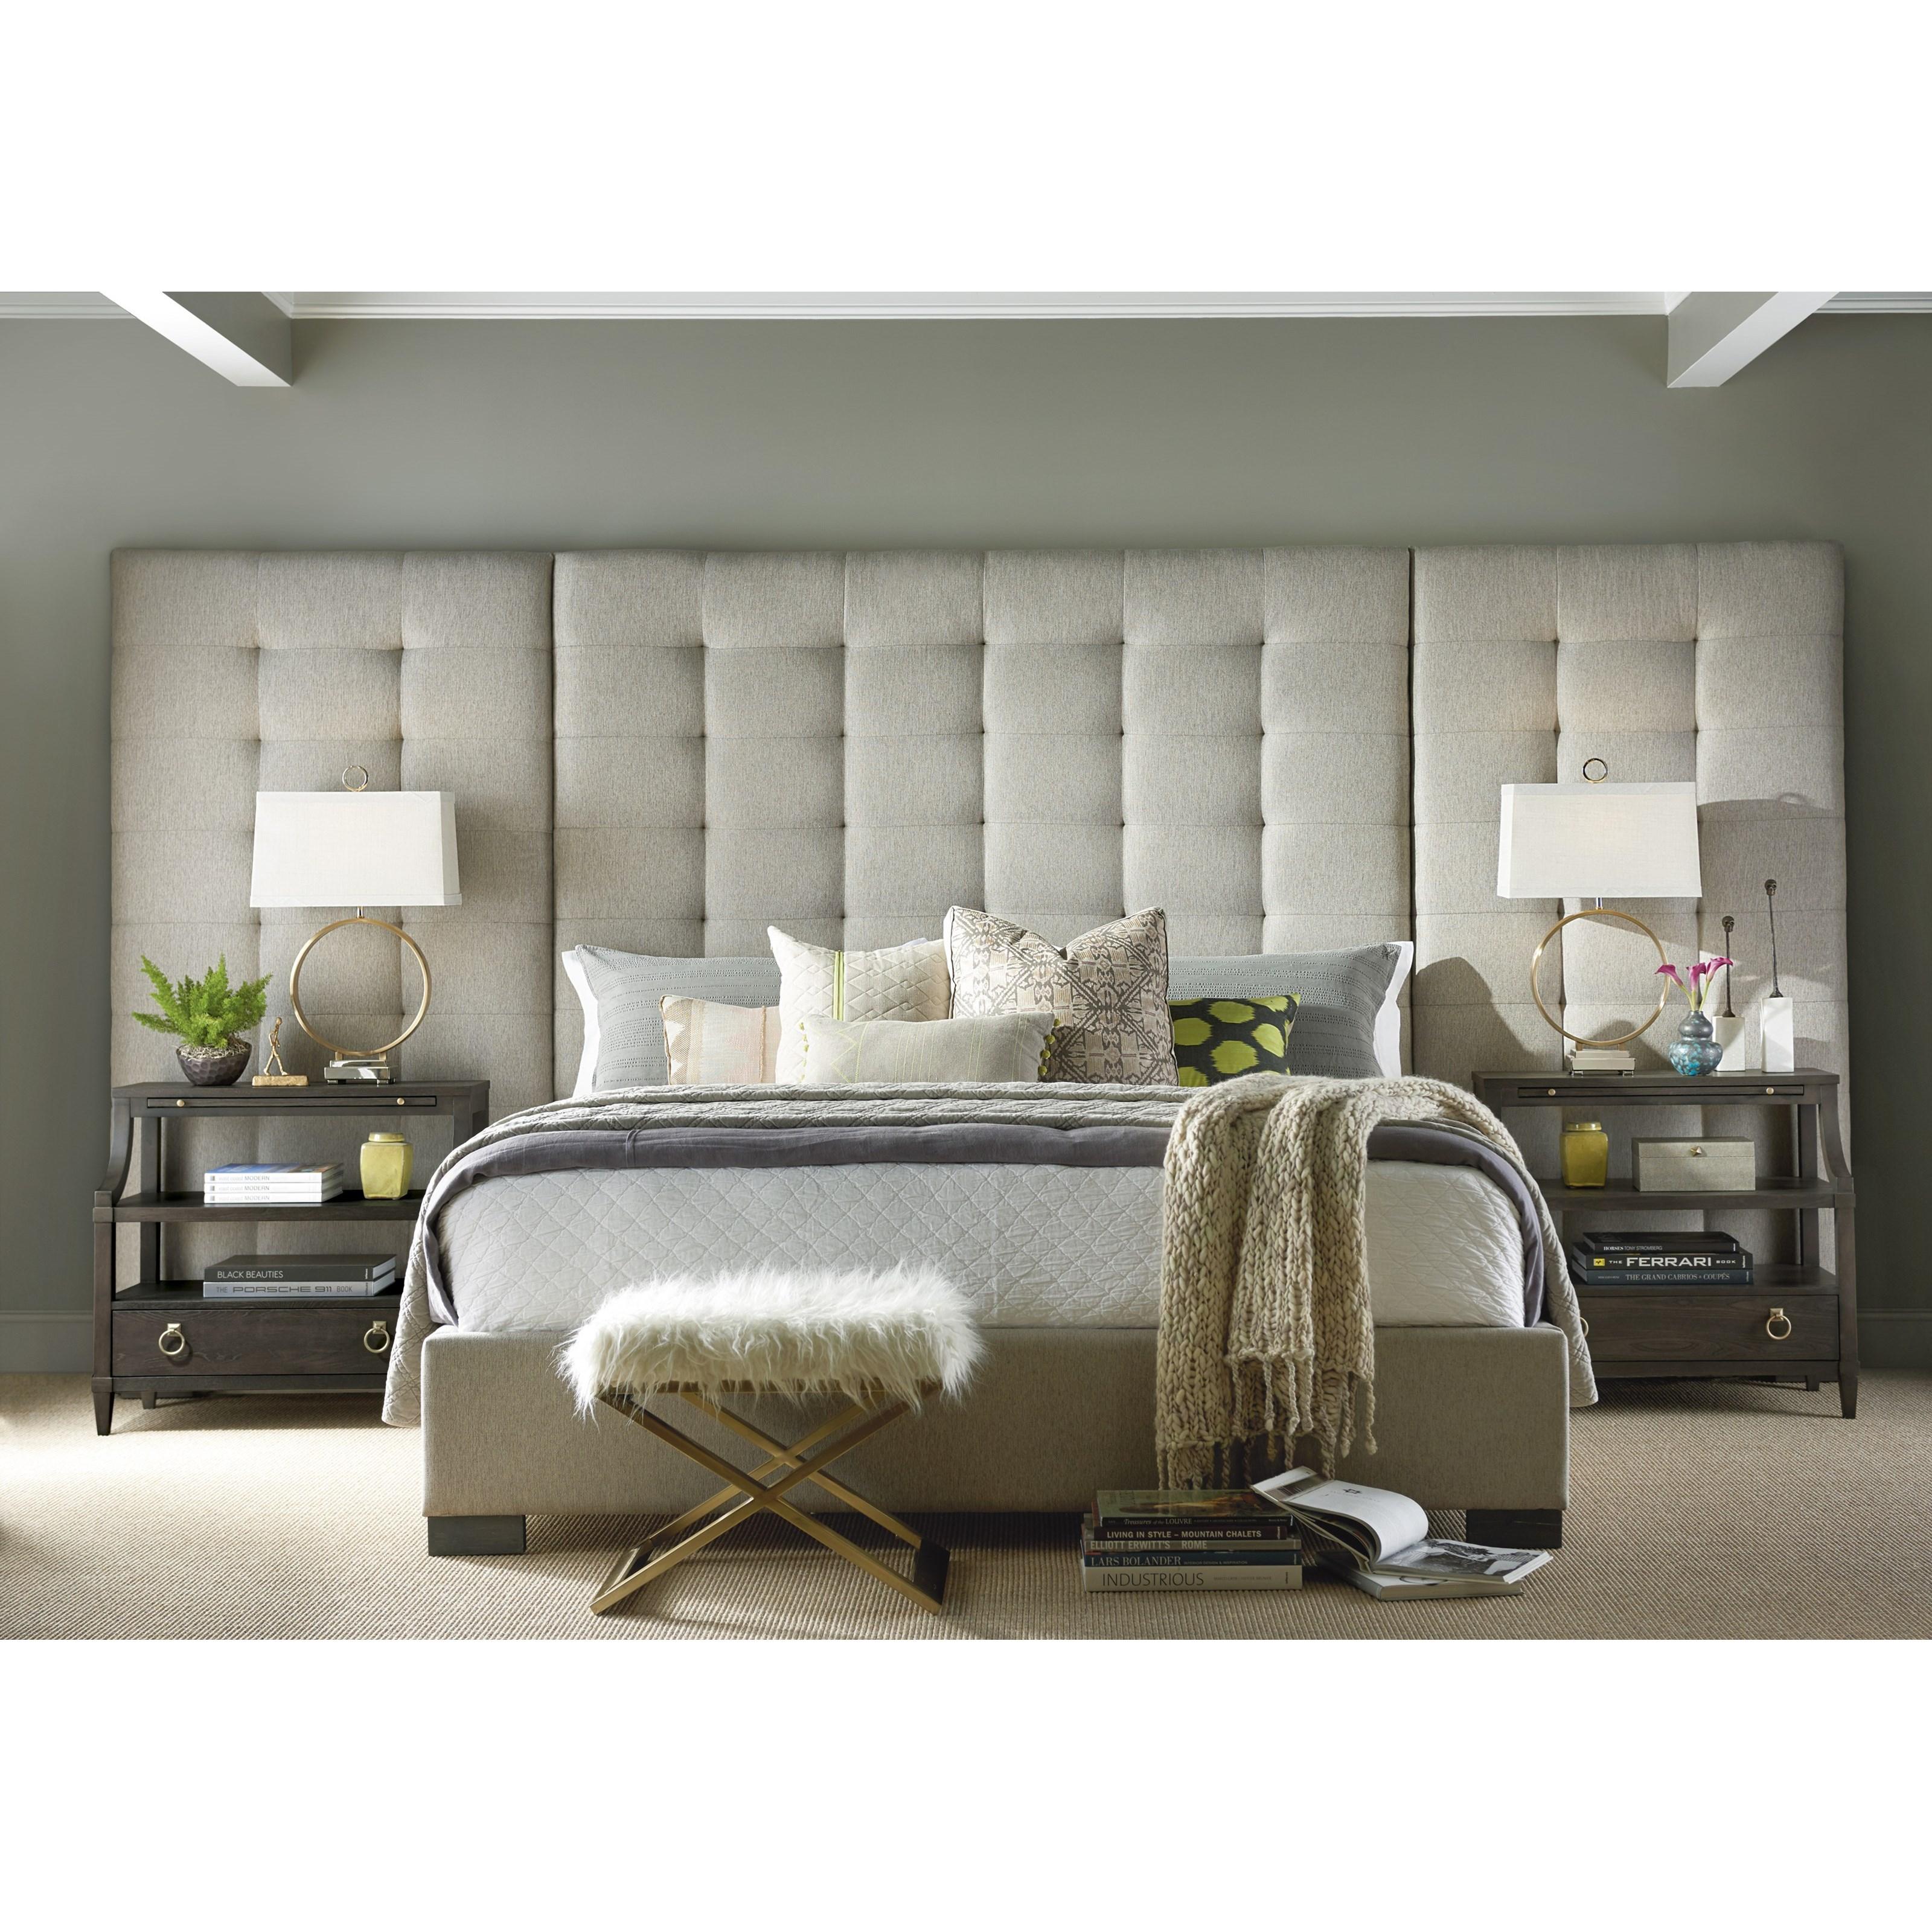 Universal Soliloquy Queen Bedroom Group - Item Number: 788 Q Bedroom Group 5